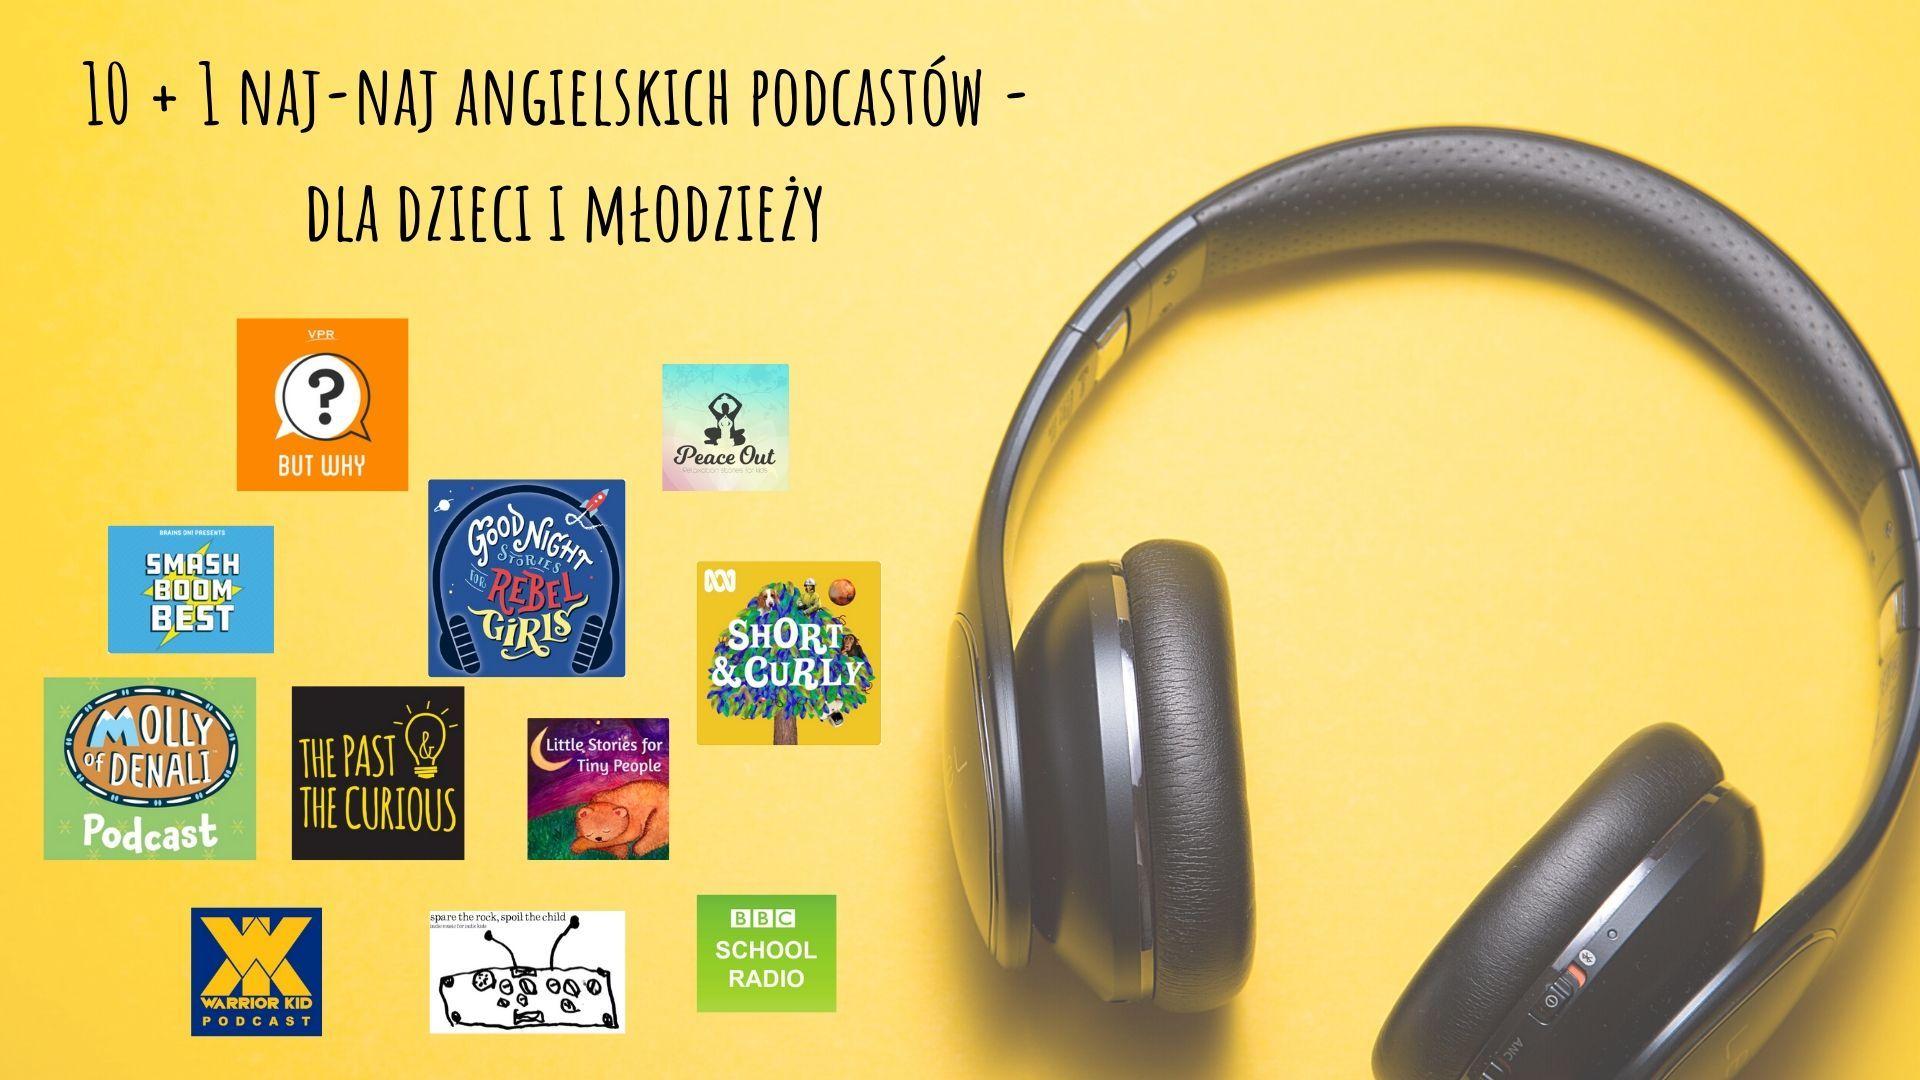 Podcasty po angielsku dla dzieci - 10 +1 podcastów, których trzeba posłuchać